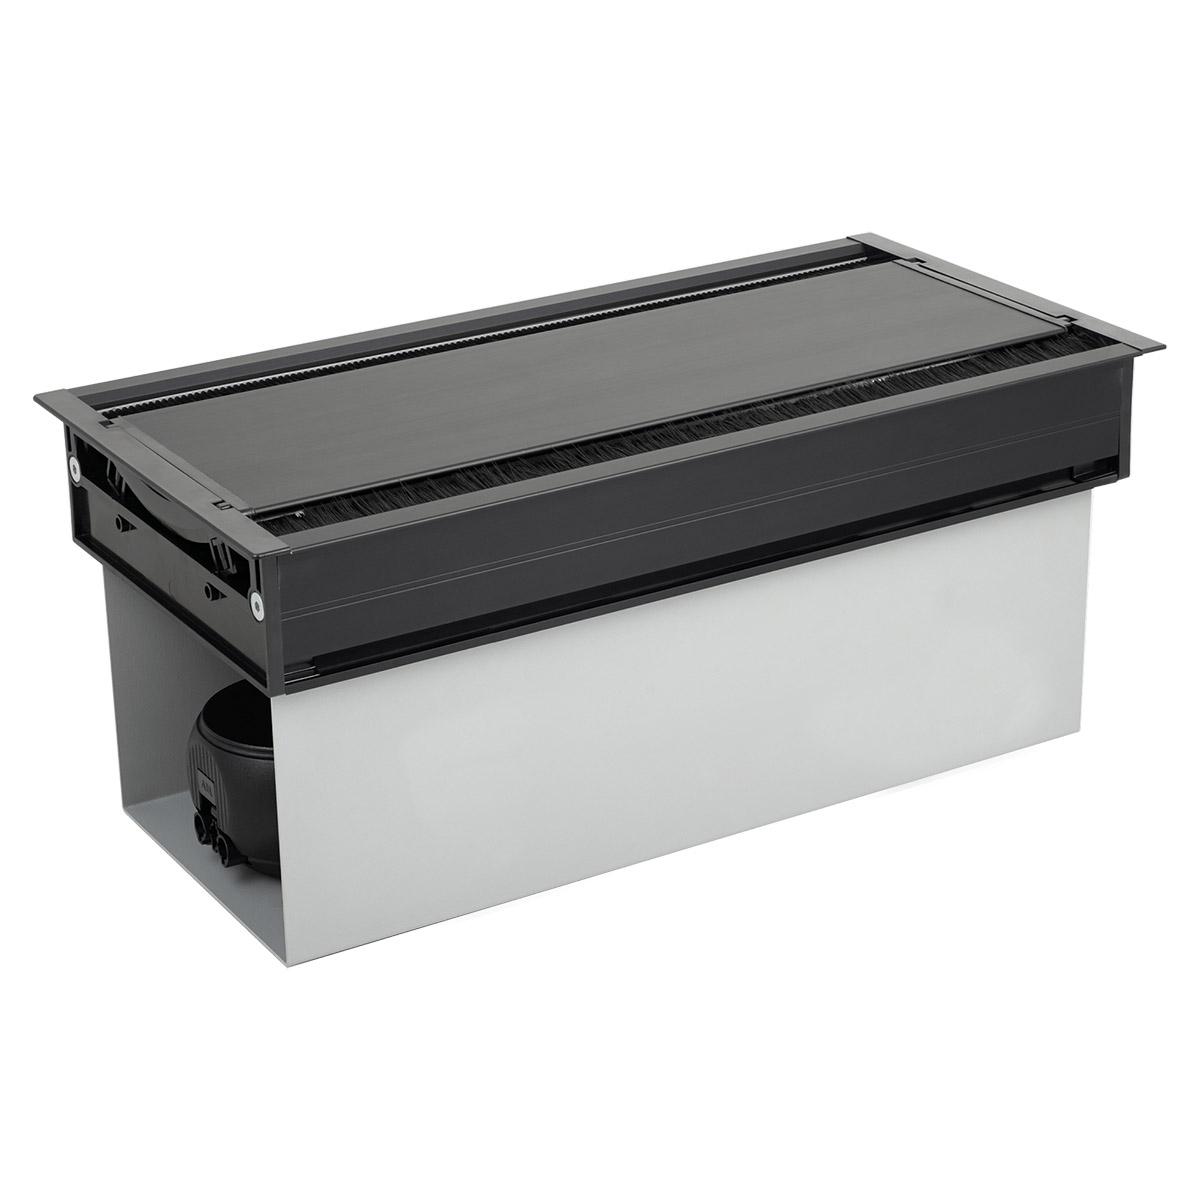 ABL 2U200MID - Короб для установки розеточных станций серии Link под стол с лючком длиной 347 мм, черный